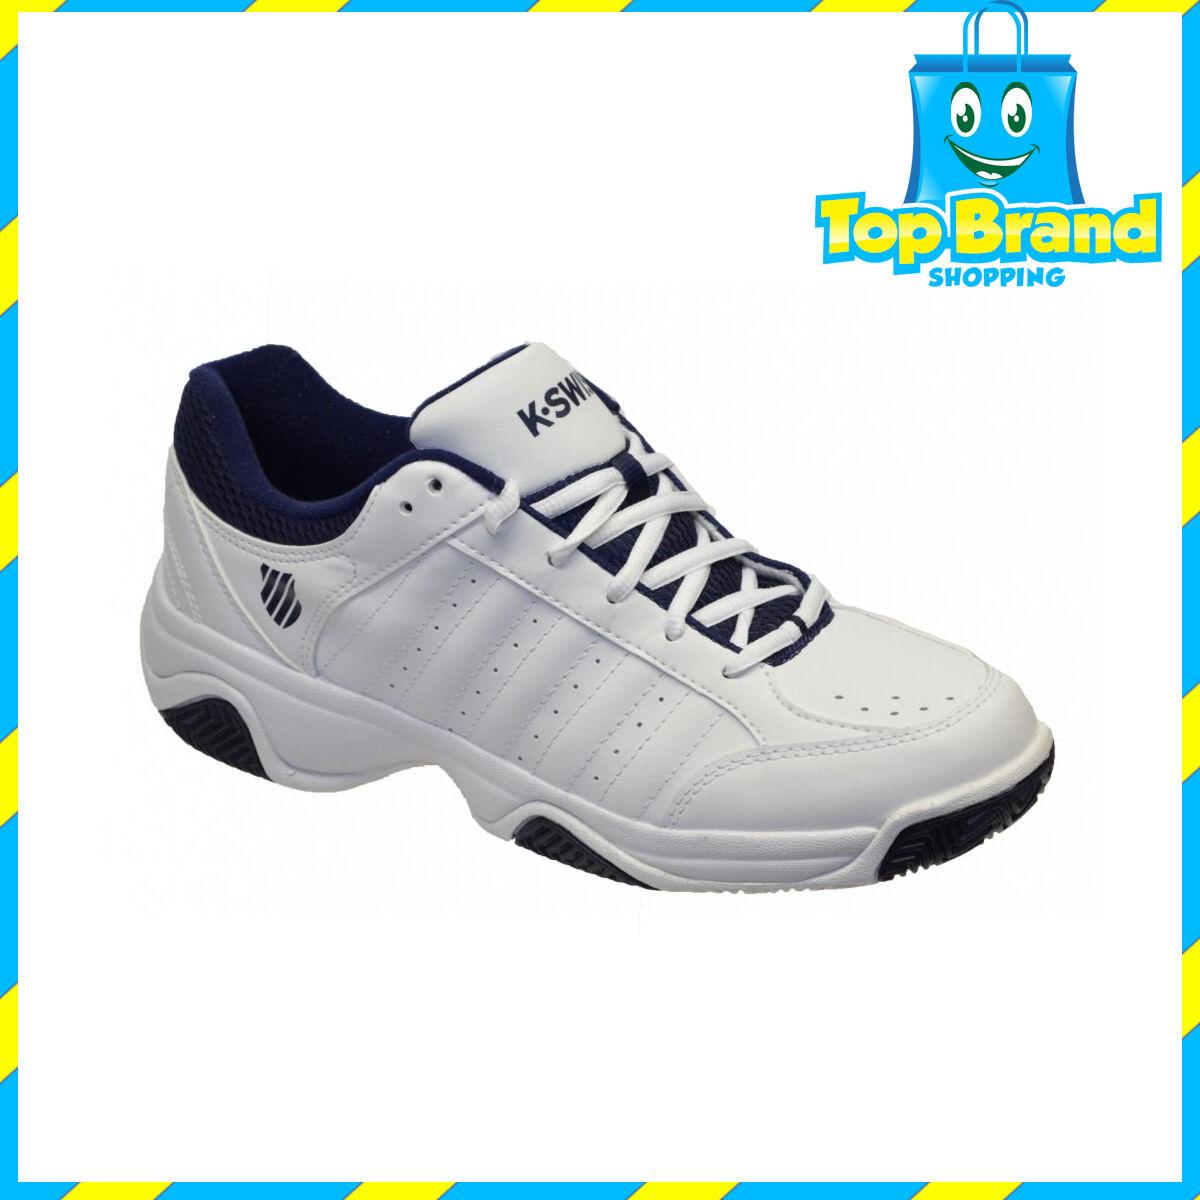 k swiss grancourt shoe iii white navy 03354109 mens